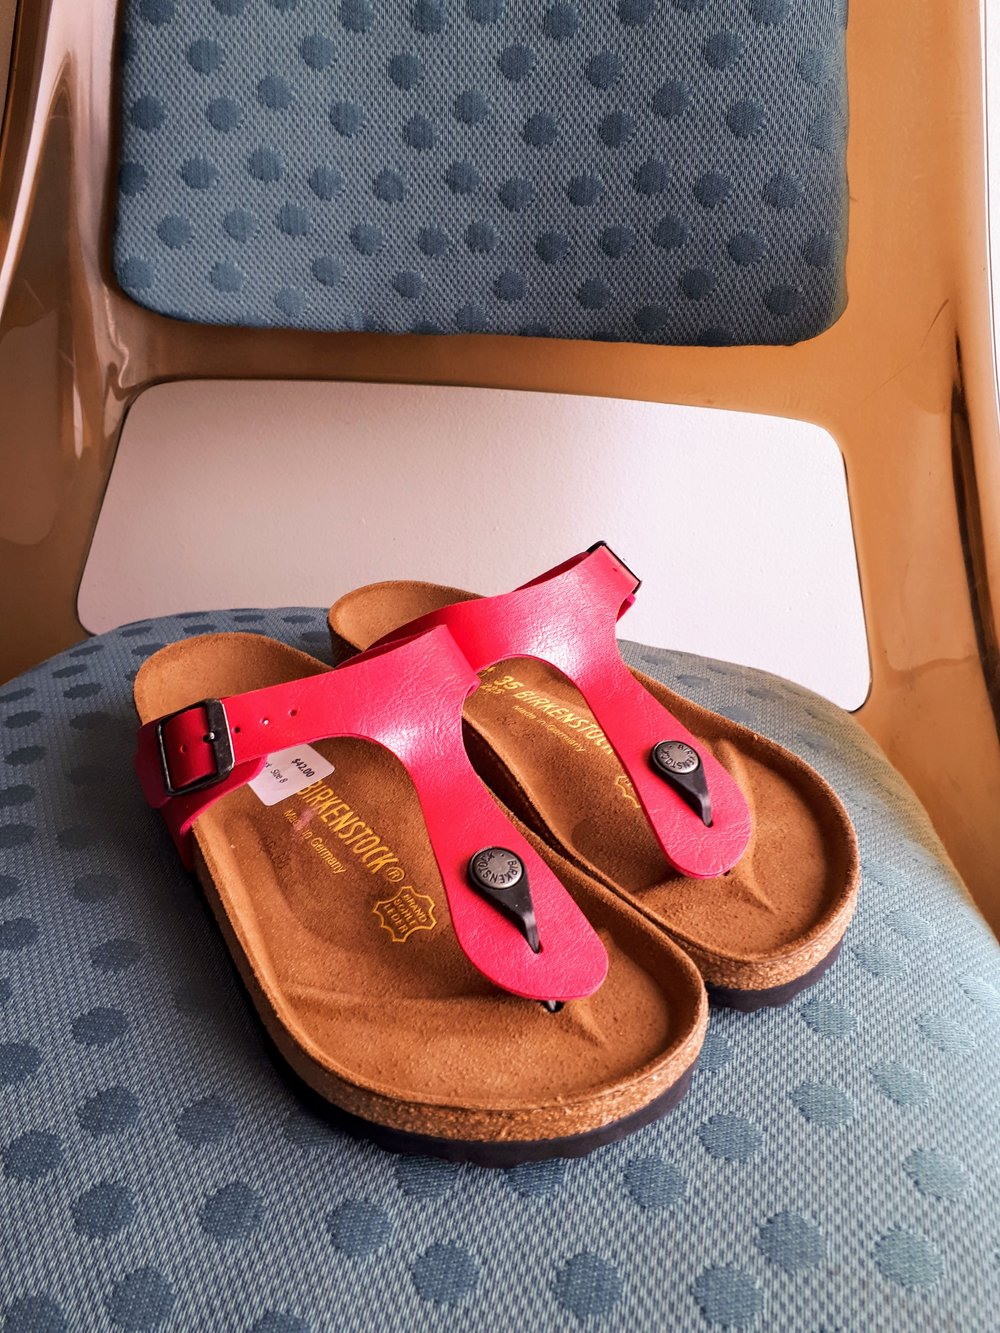 Birkenstock sandals; S8, $42